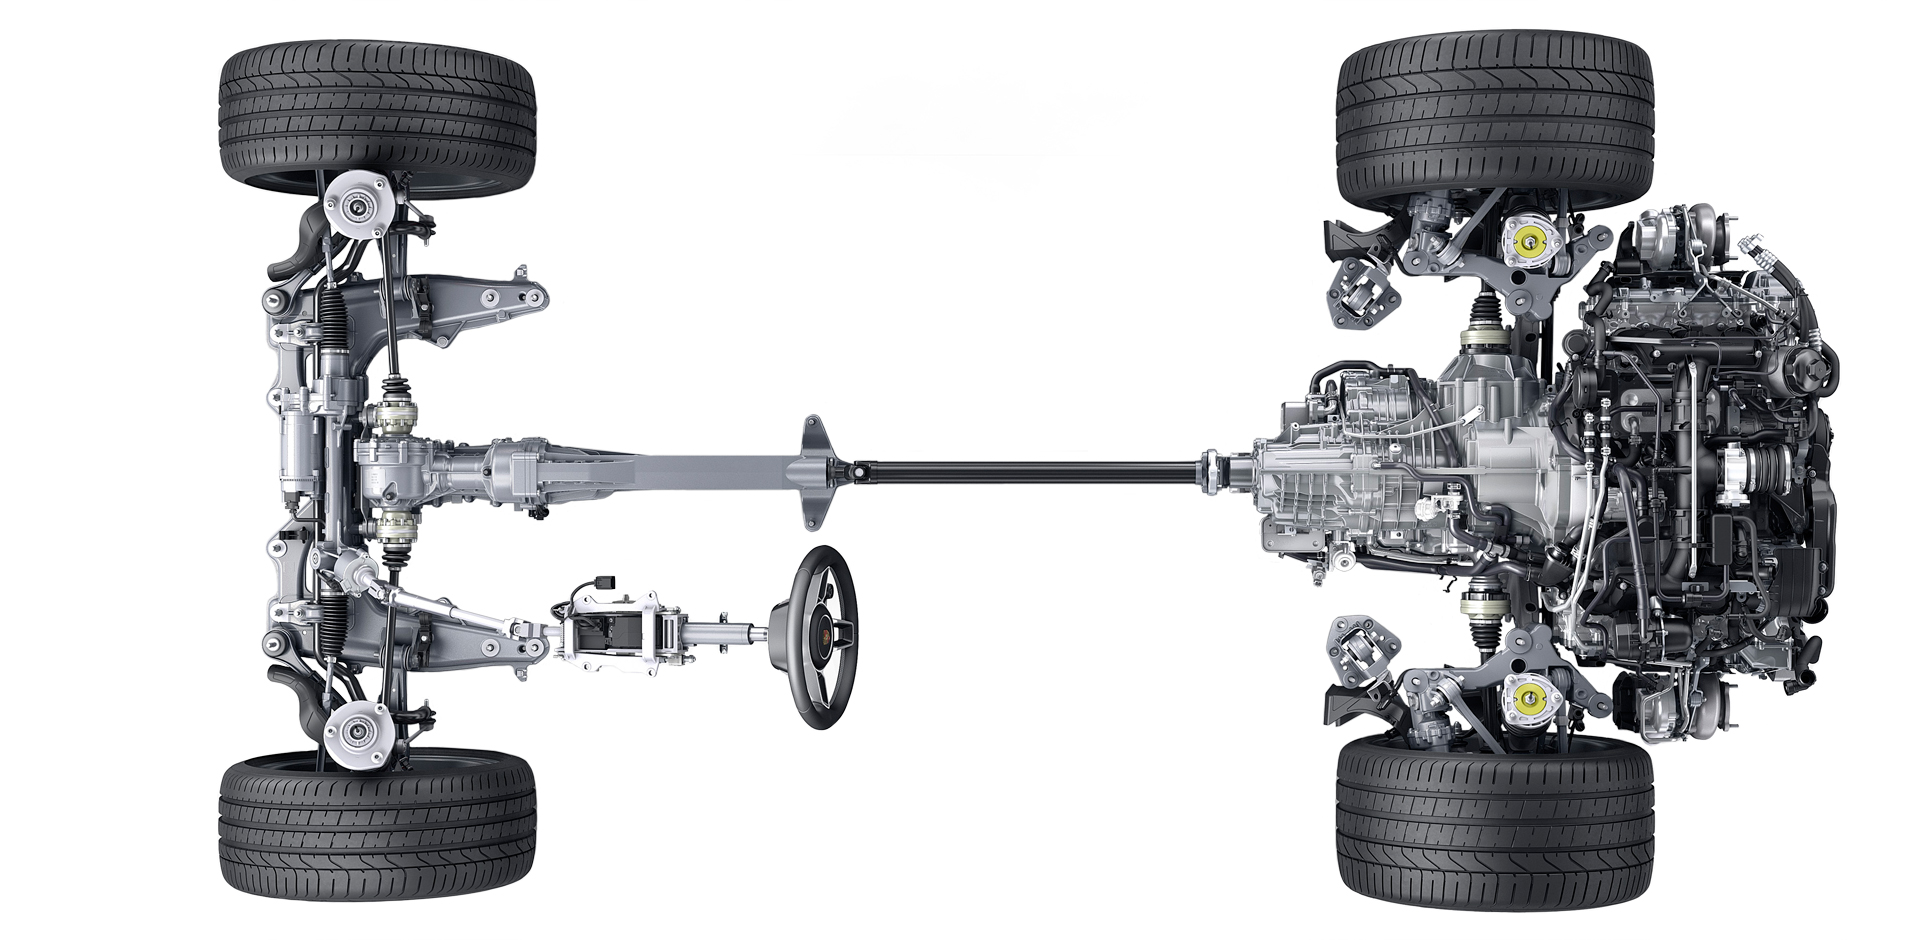 Обман законов физики и плата за совершенство: тест обновленного Porsche 911 Turbo S. Фото 11